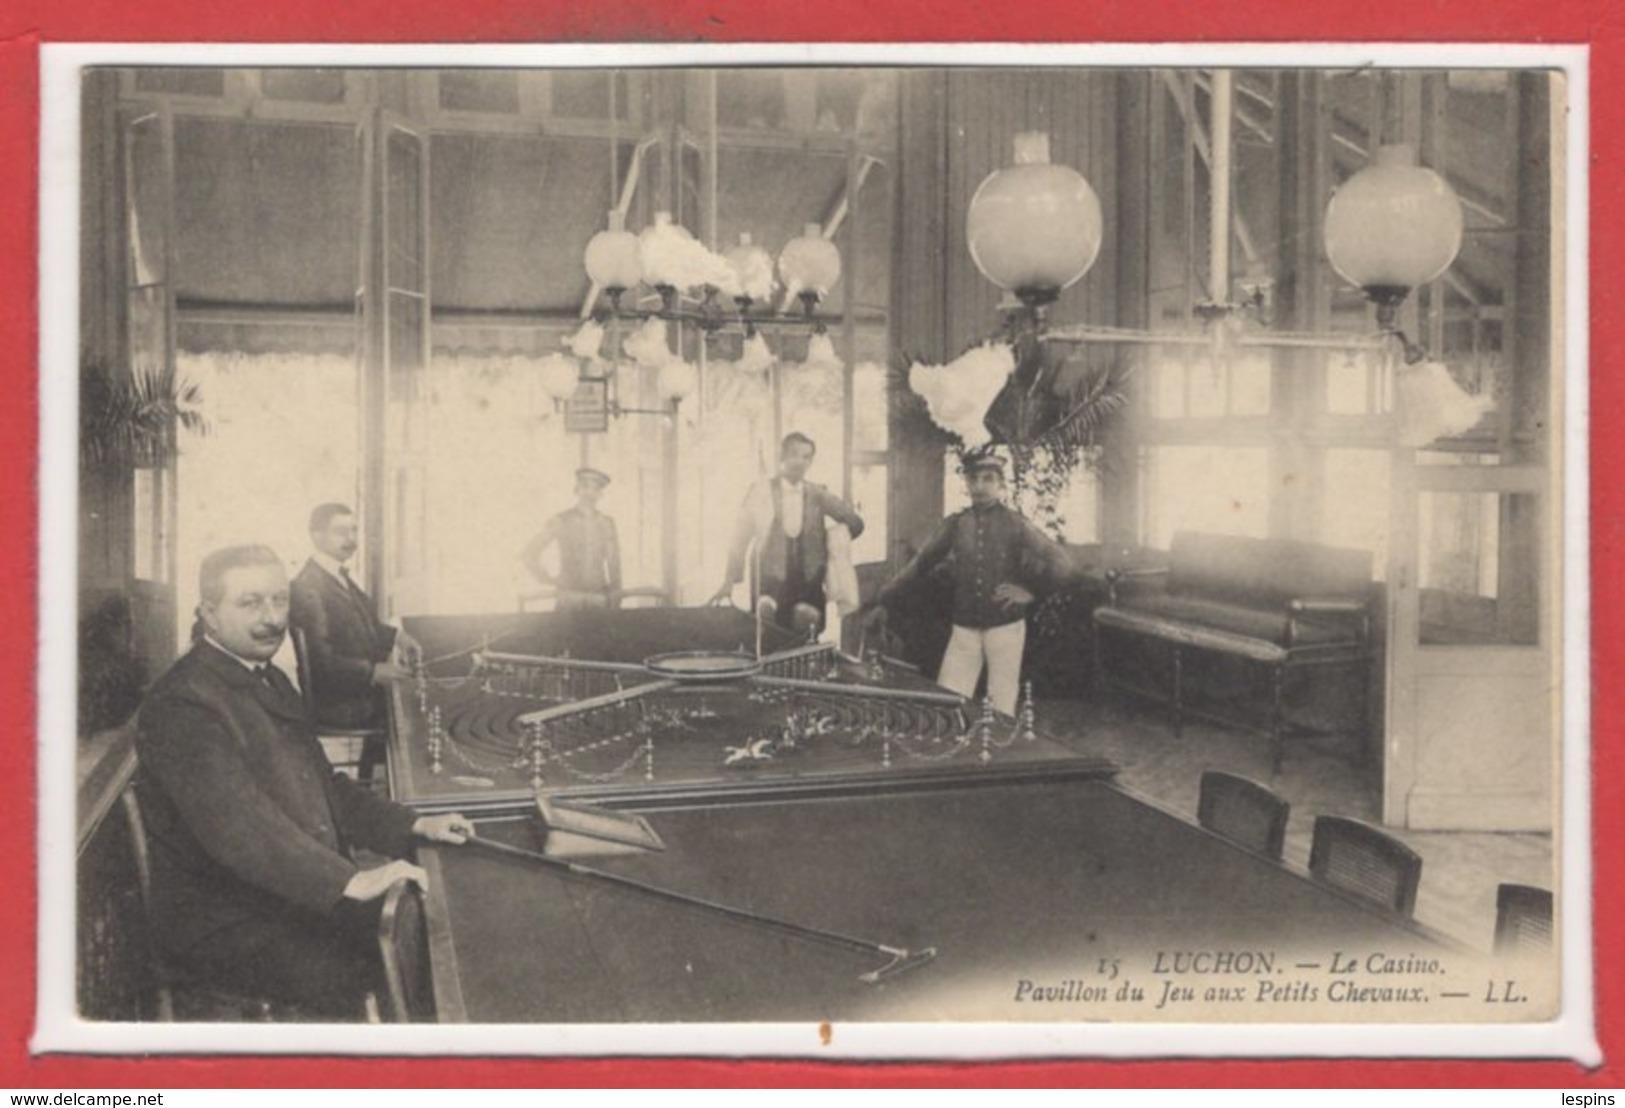 JEUX --- CASINO - Luchon -- Pavillon Du Jeu Aux Petits Chevaux - Cartes Postales